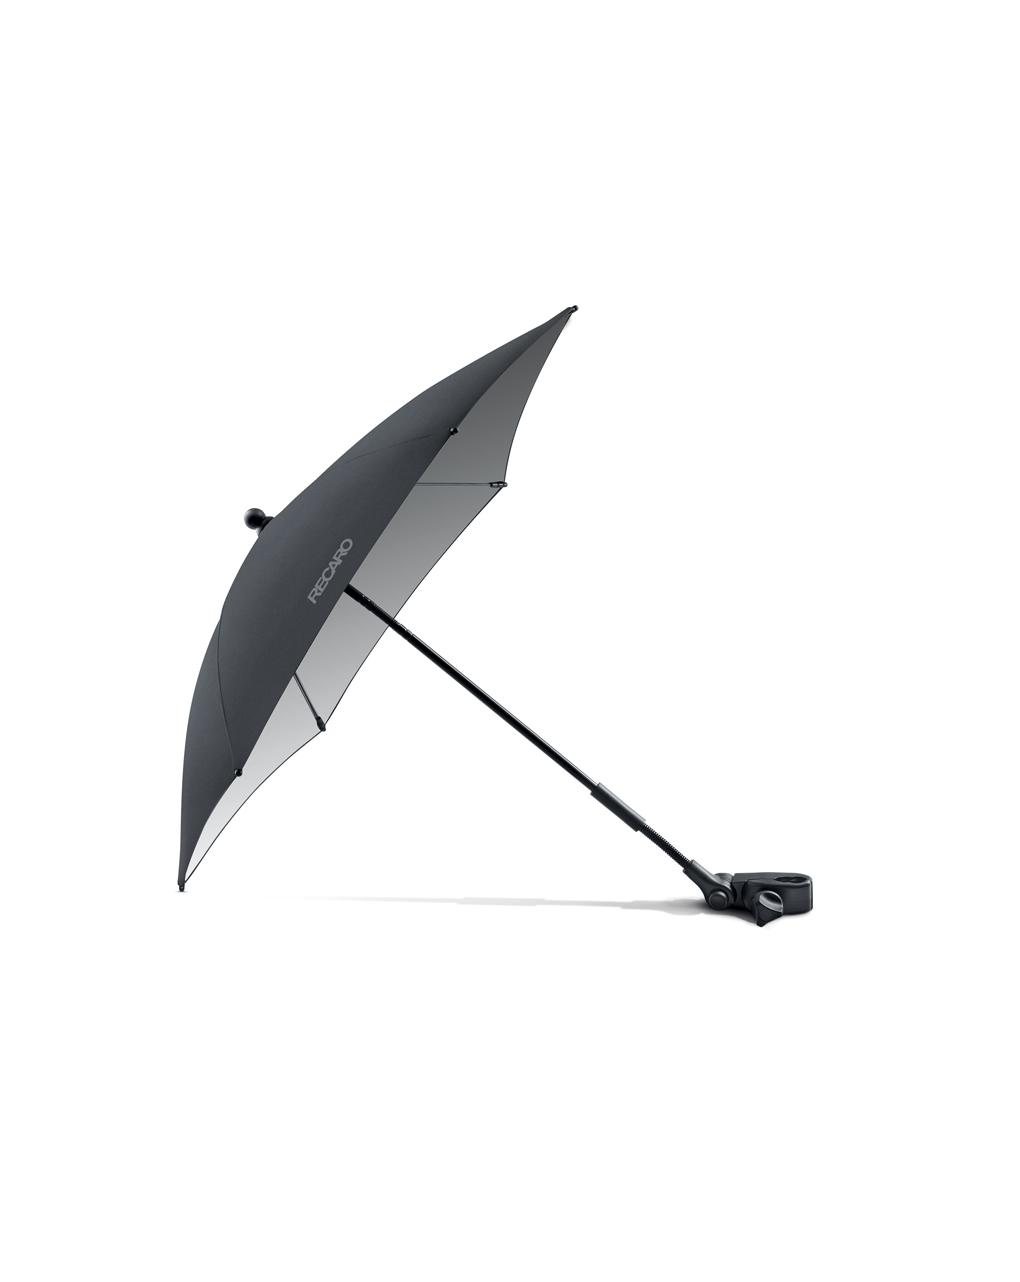 Recaro ombrellino parasole citylife/easylife - Recaro